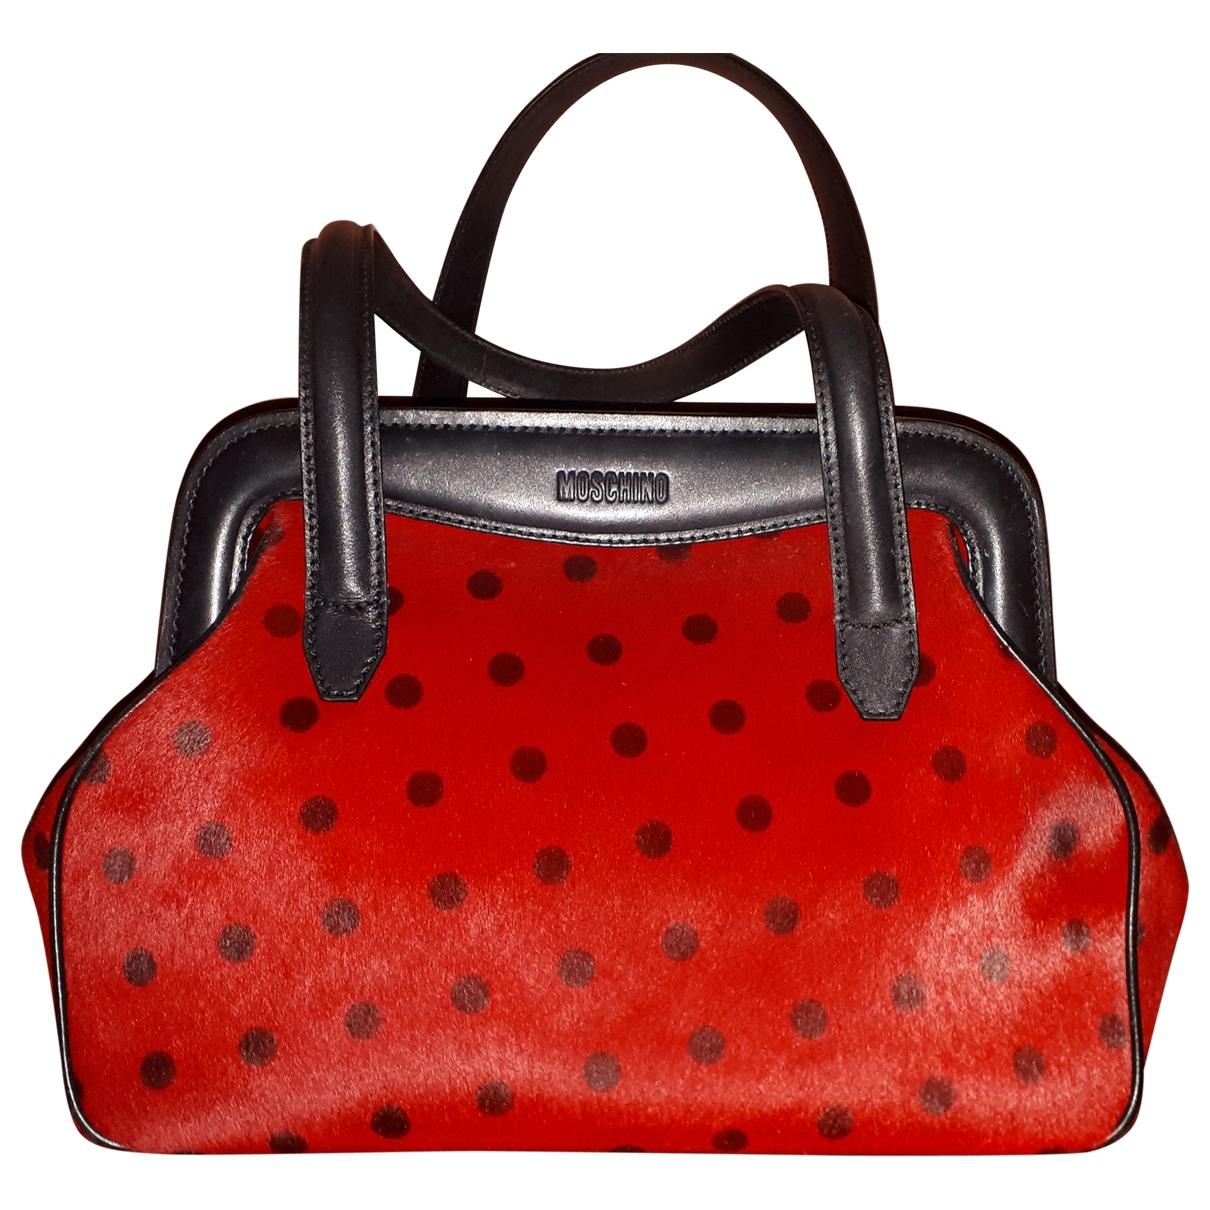 Moschino \N Handtasche in  Rot Kalbsleder in Pony-Optik